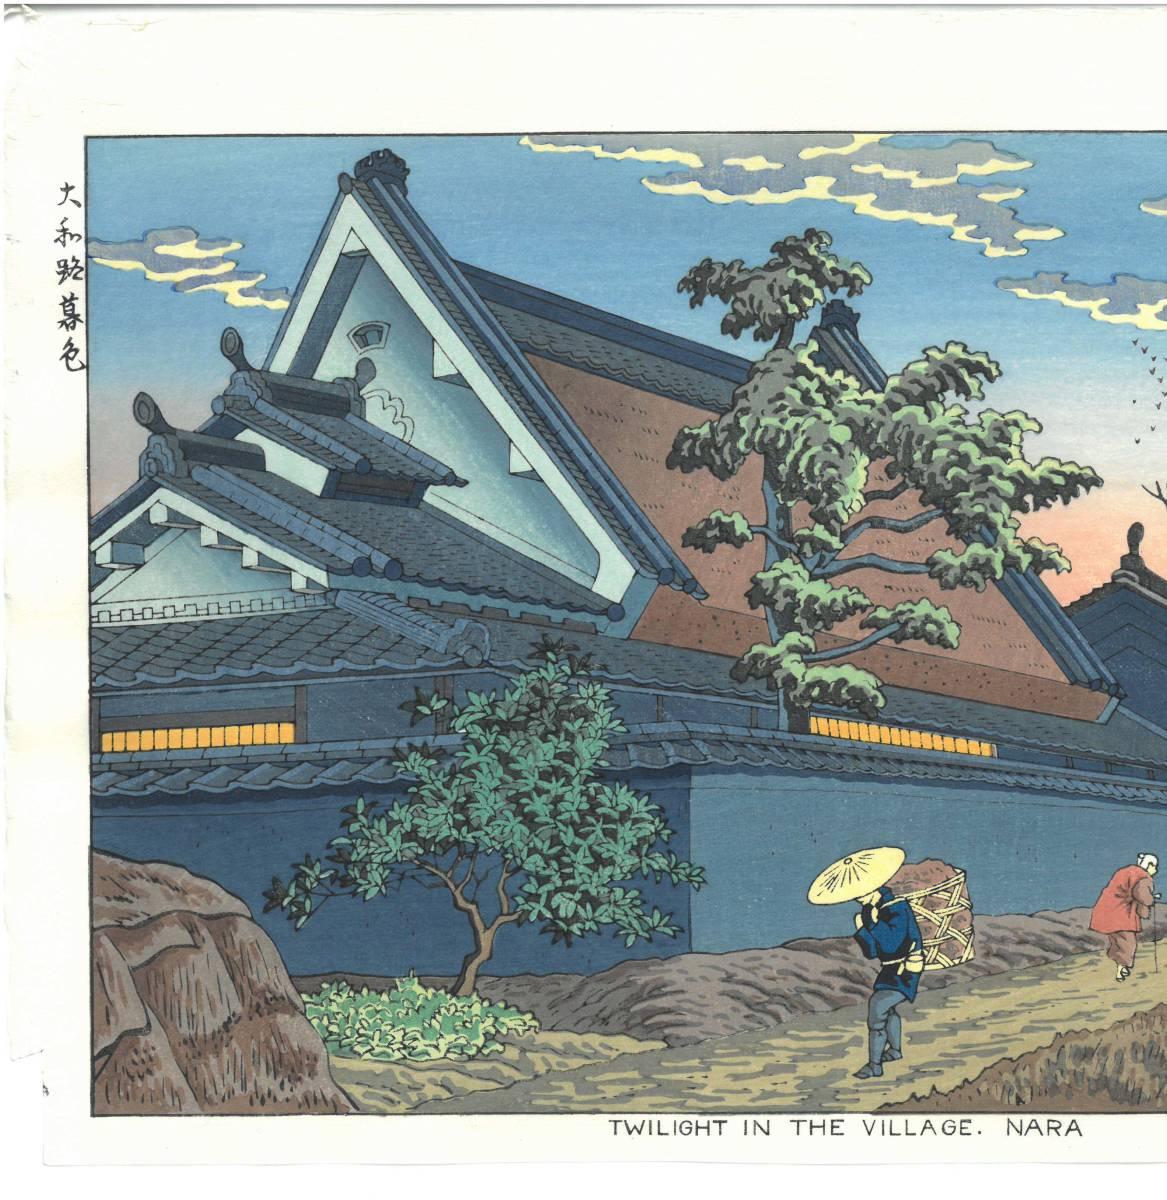 浅野竹二 (Asano Takeji) 木版画 TA20 大和路暮色 新版画 初版昭和20年頃 京都の一流の摺師の技をご堪能下さい!!_画像3